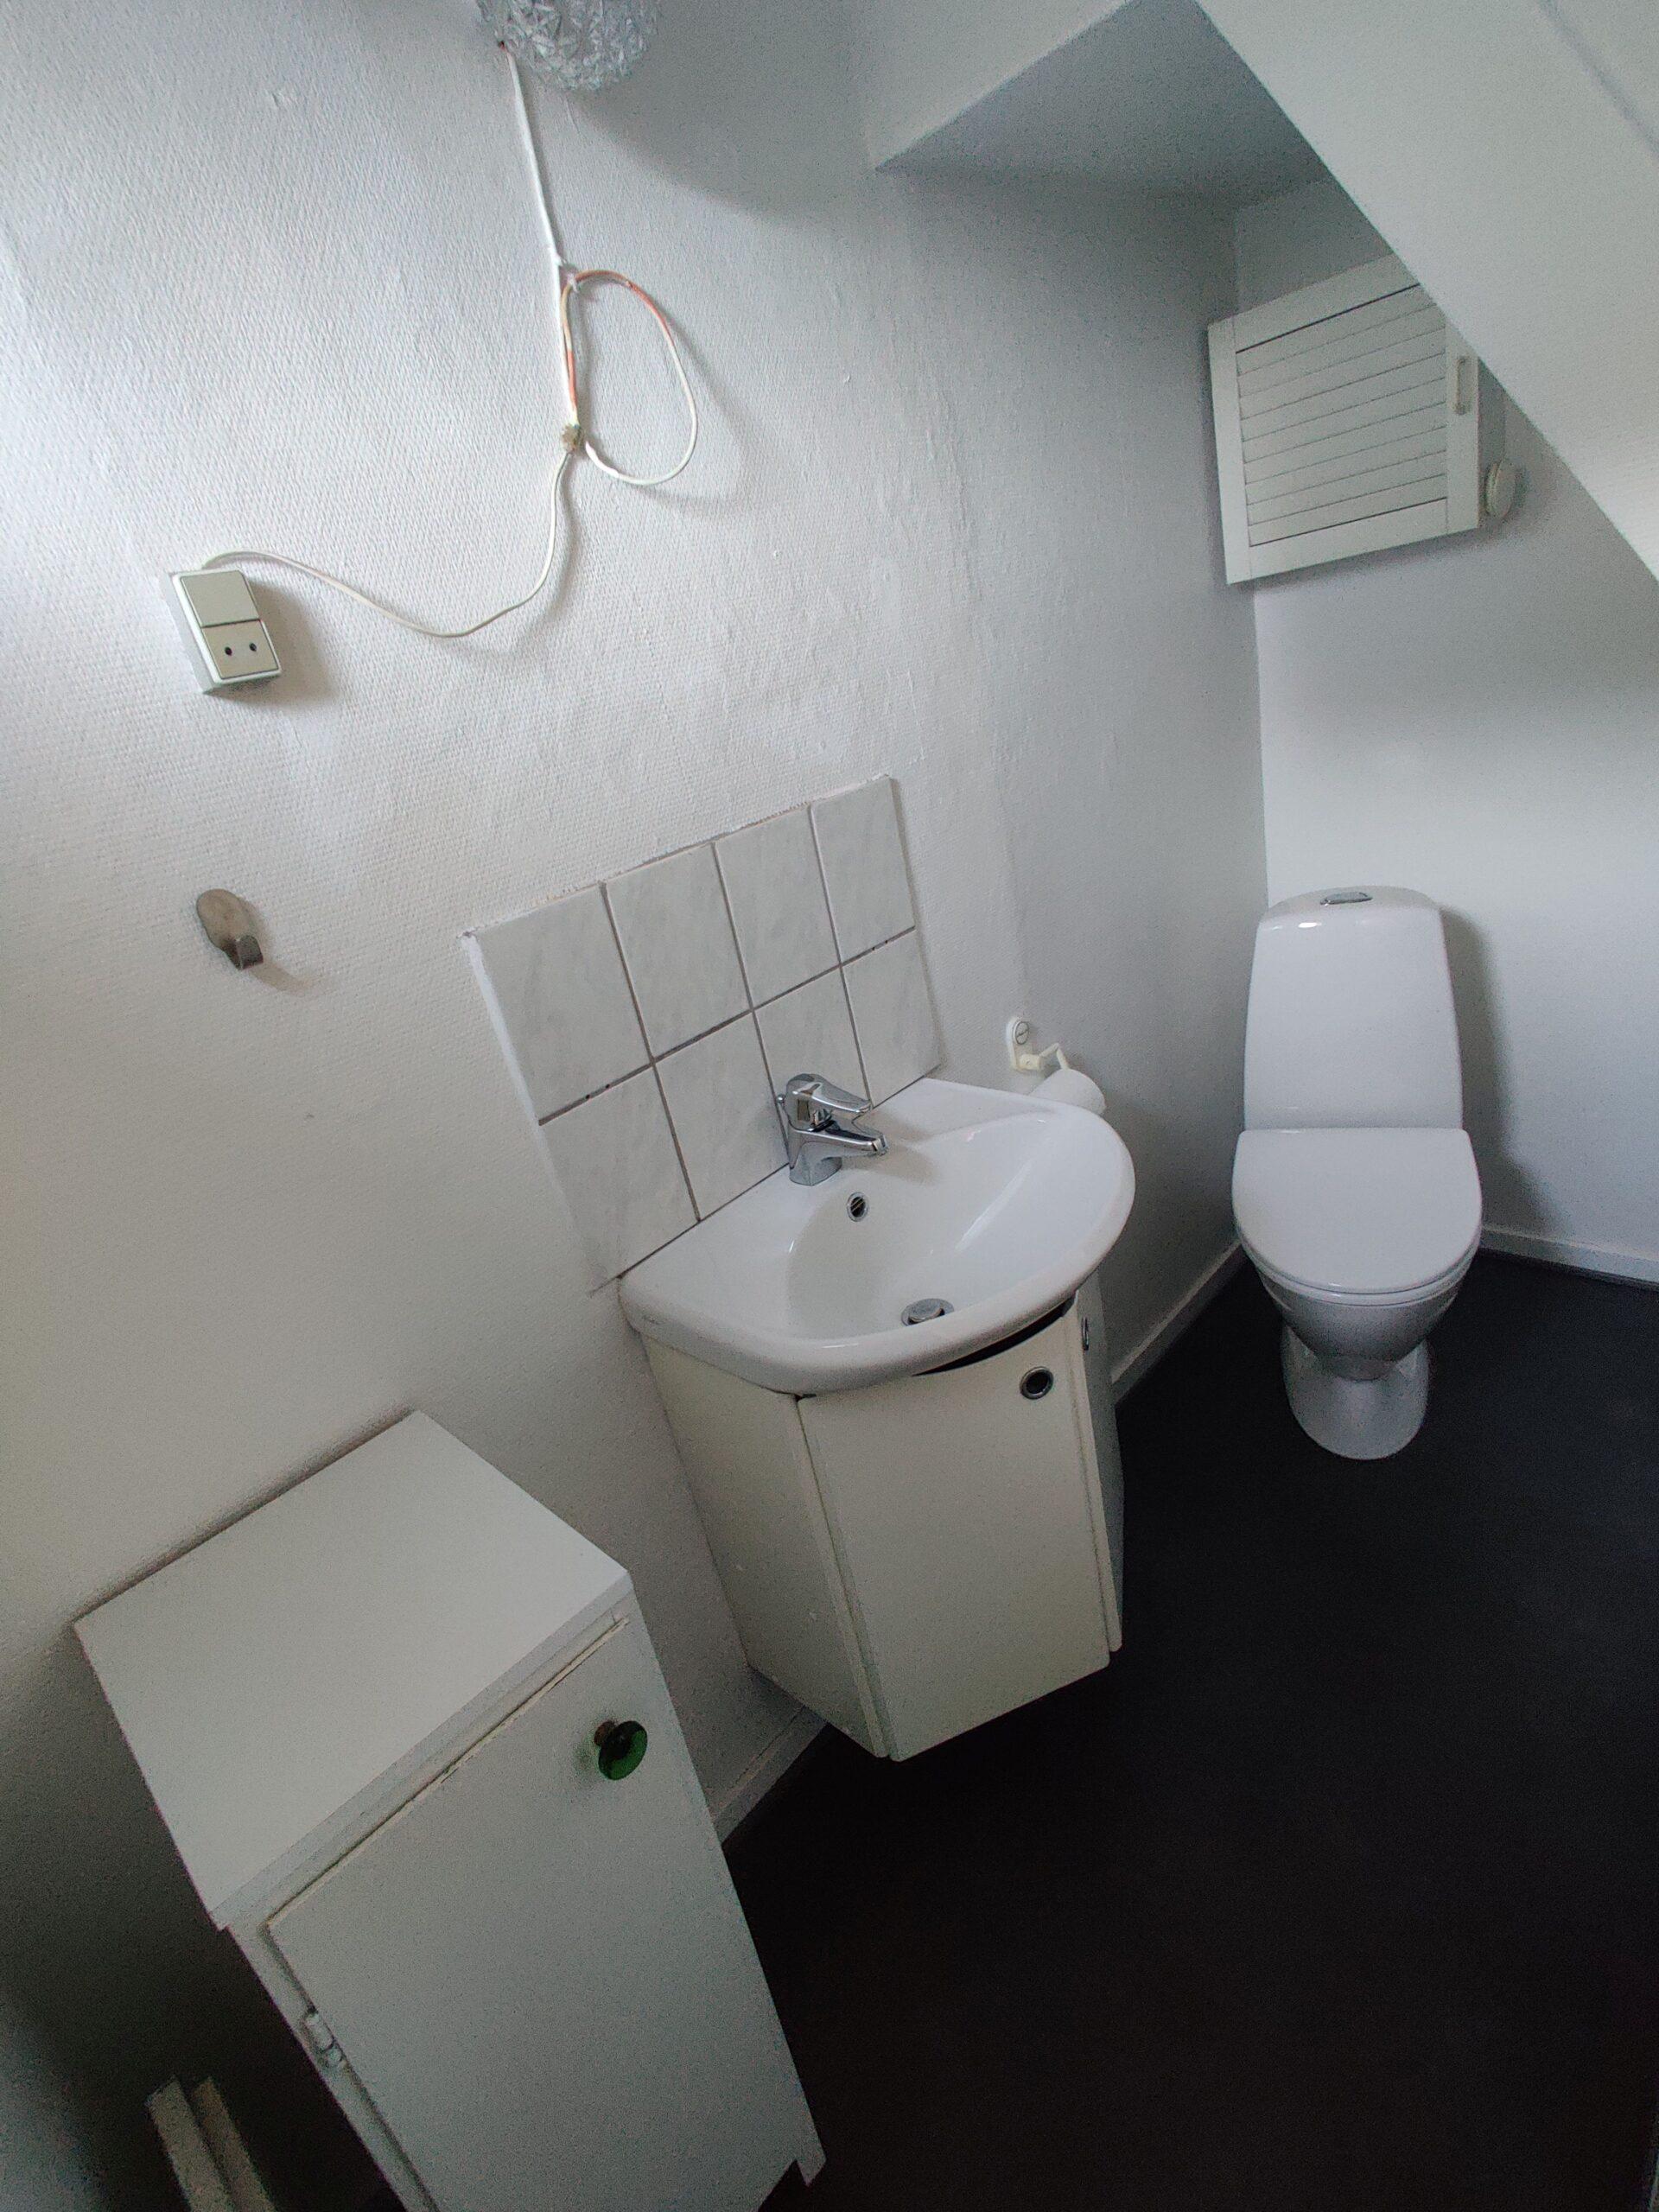 Vroldvej 91, toilet